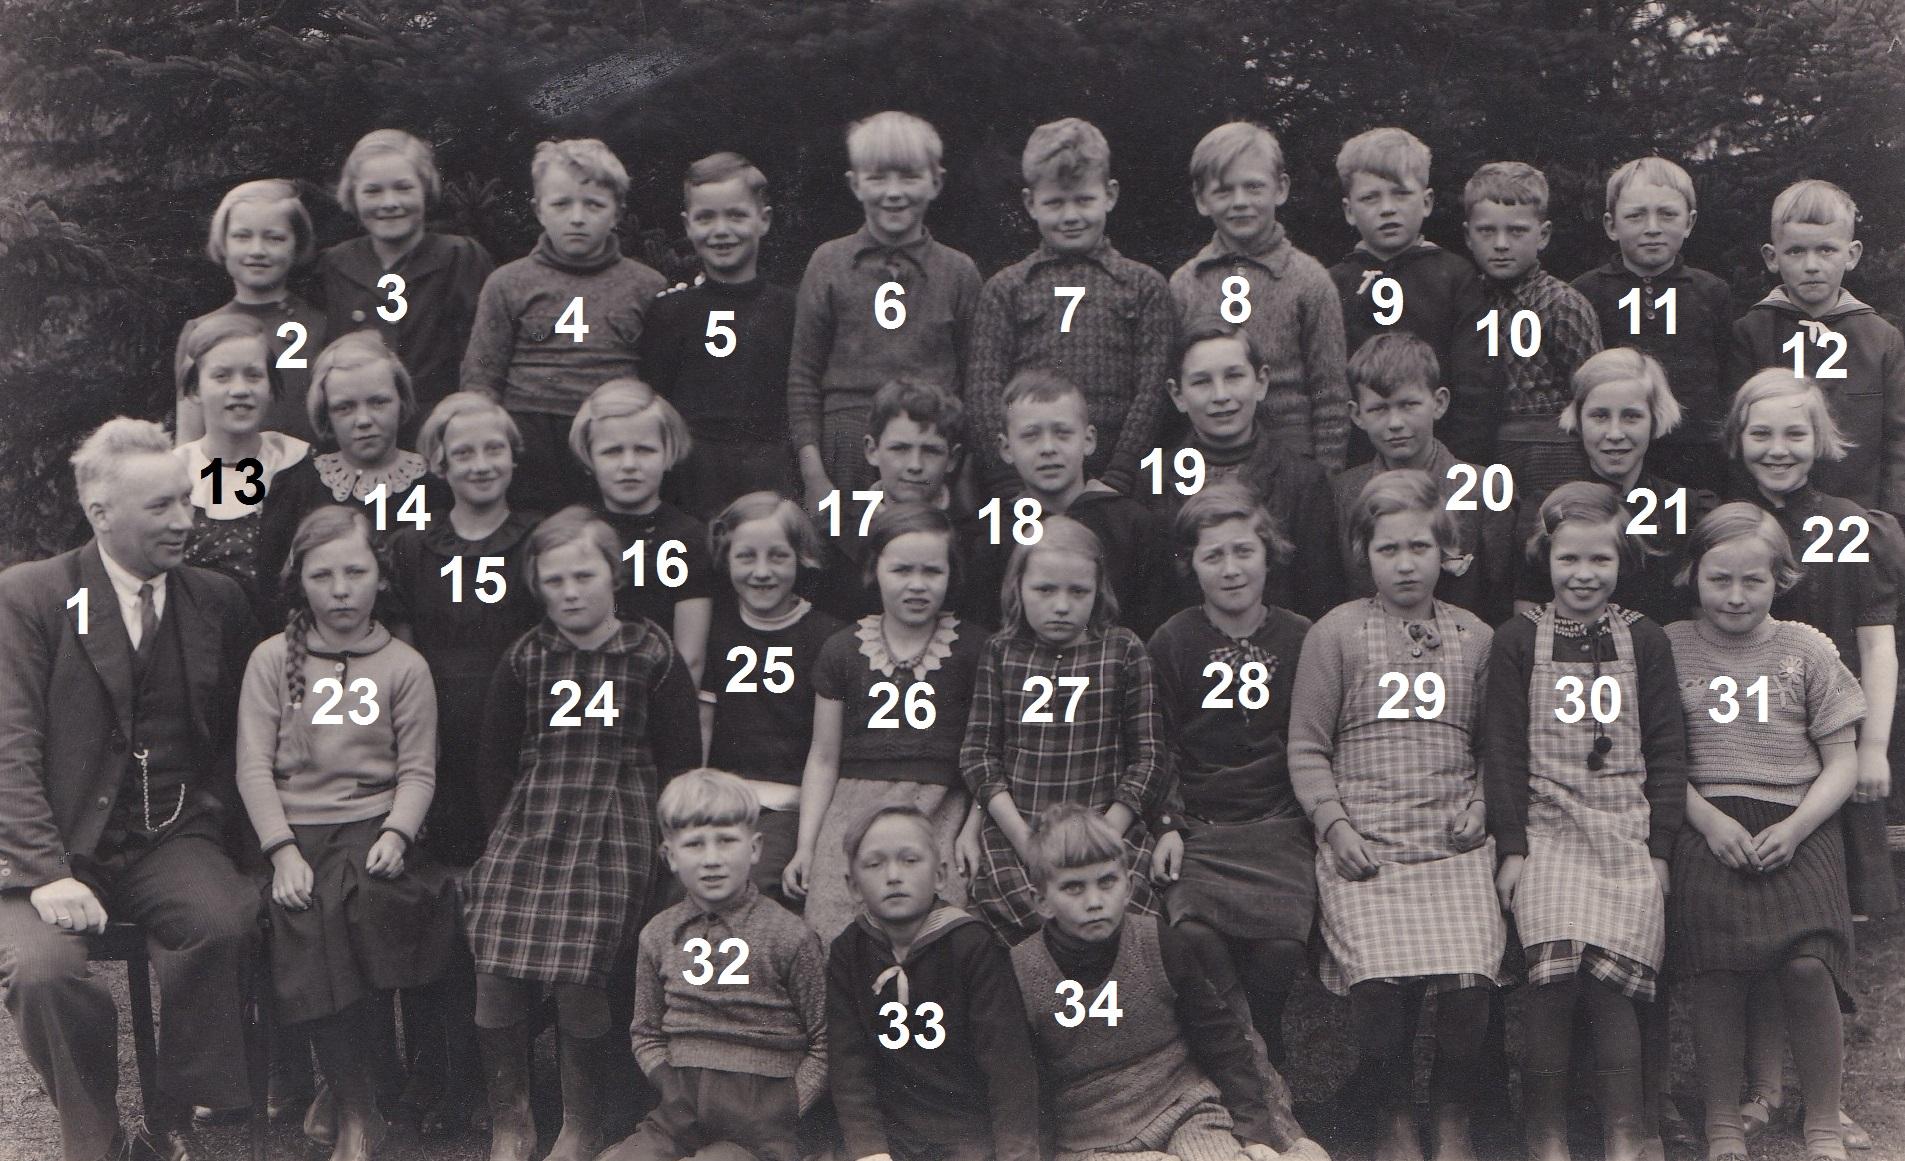 Vind Skole, slutningen af 1930'erne.